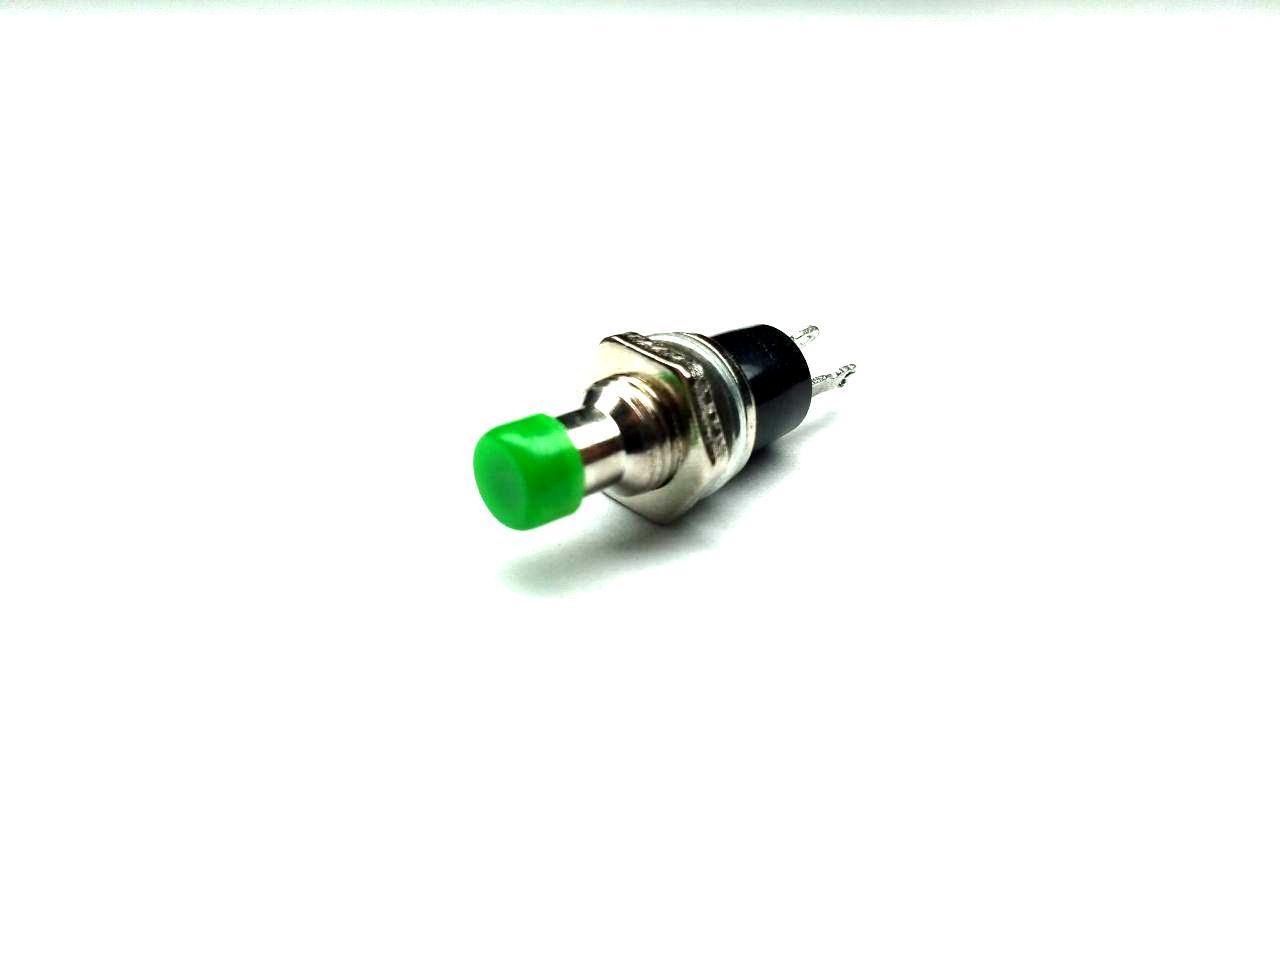 Концевой выключатель, круглая, PBS-10C-2 ON-(OFF), 2pin, 1А 250V, зеленая, small